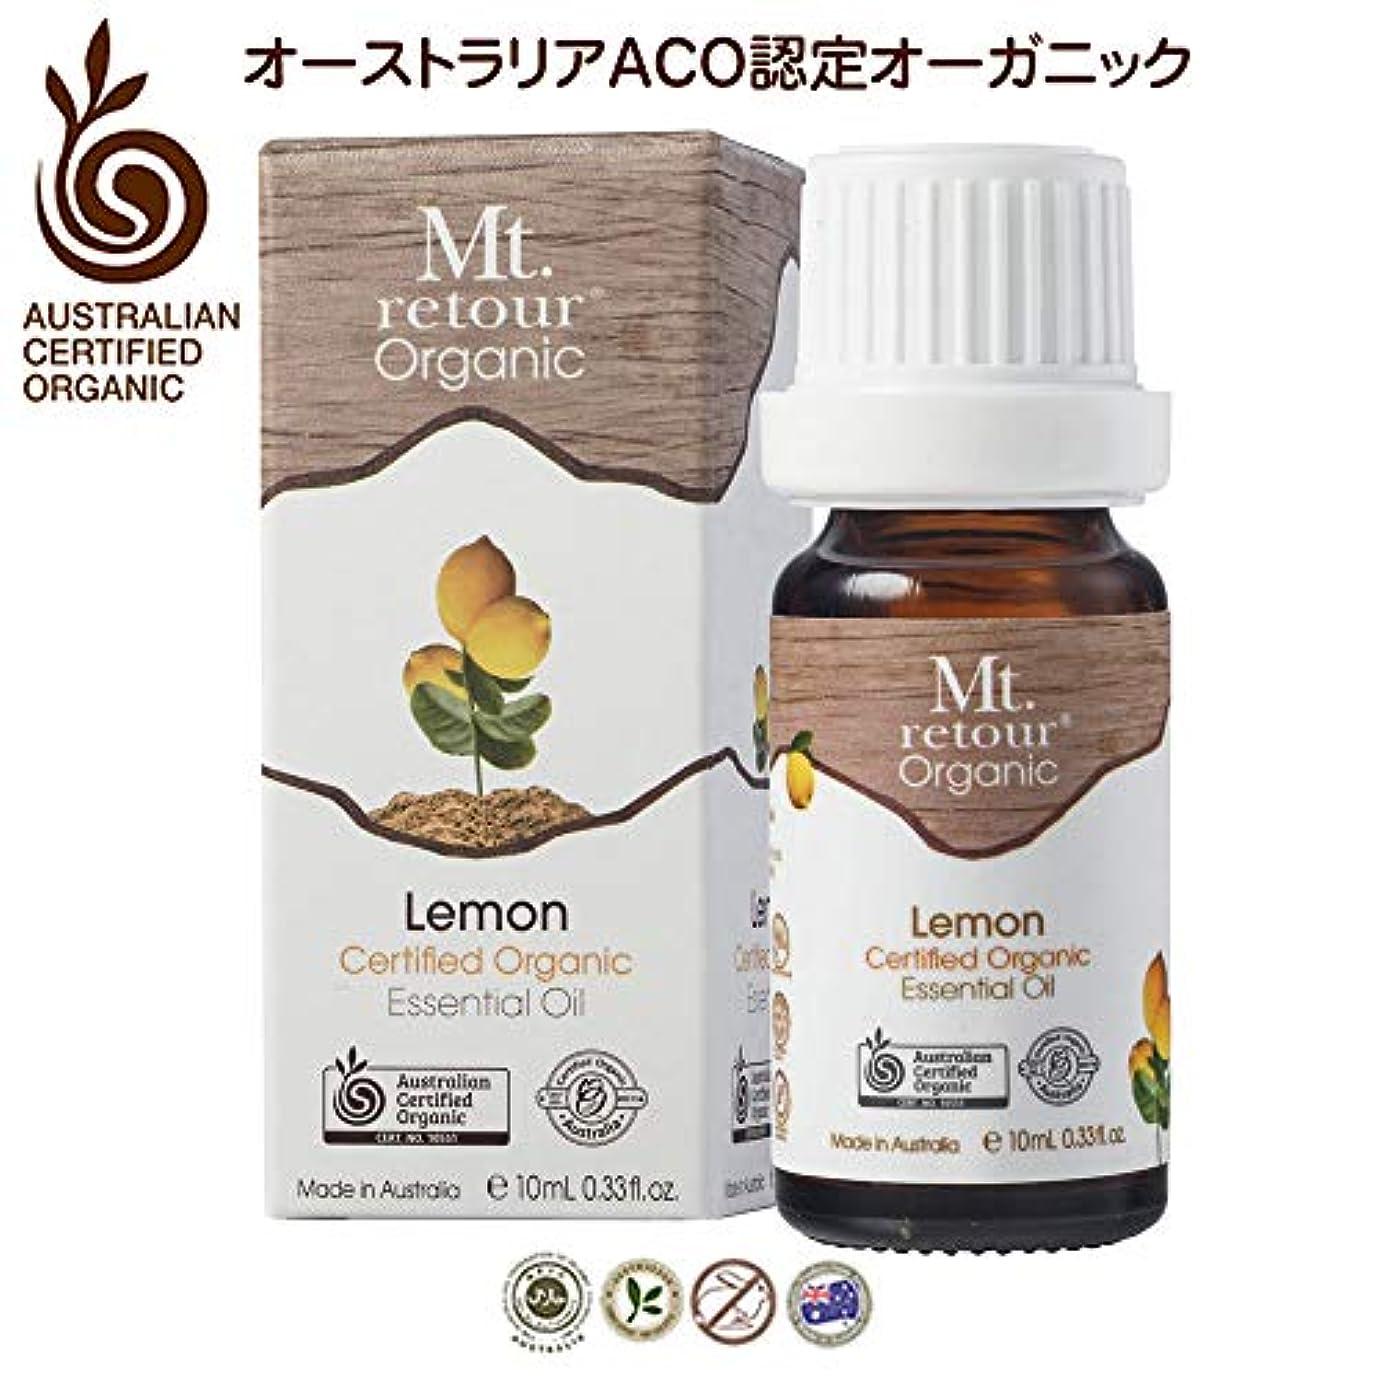 ライン失速に慣れMt. retour ACO認定オーガニック レモン 10ml エッセンシャルオイル(無農薬有機栽培)アロマ